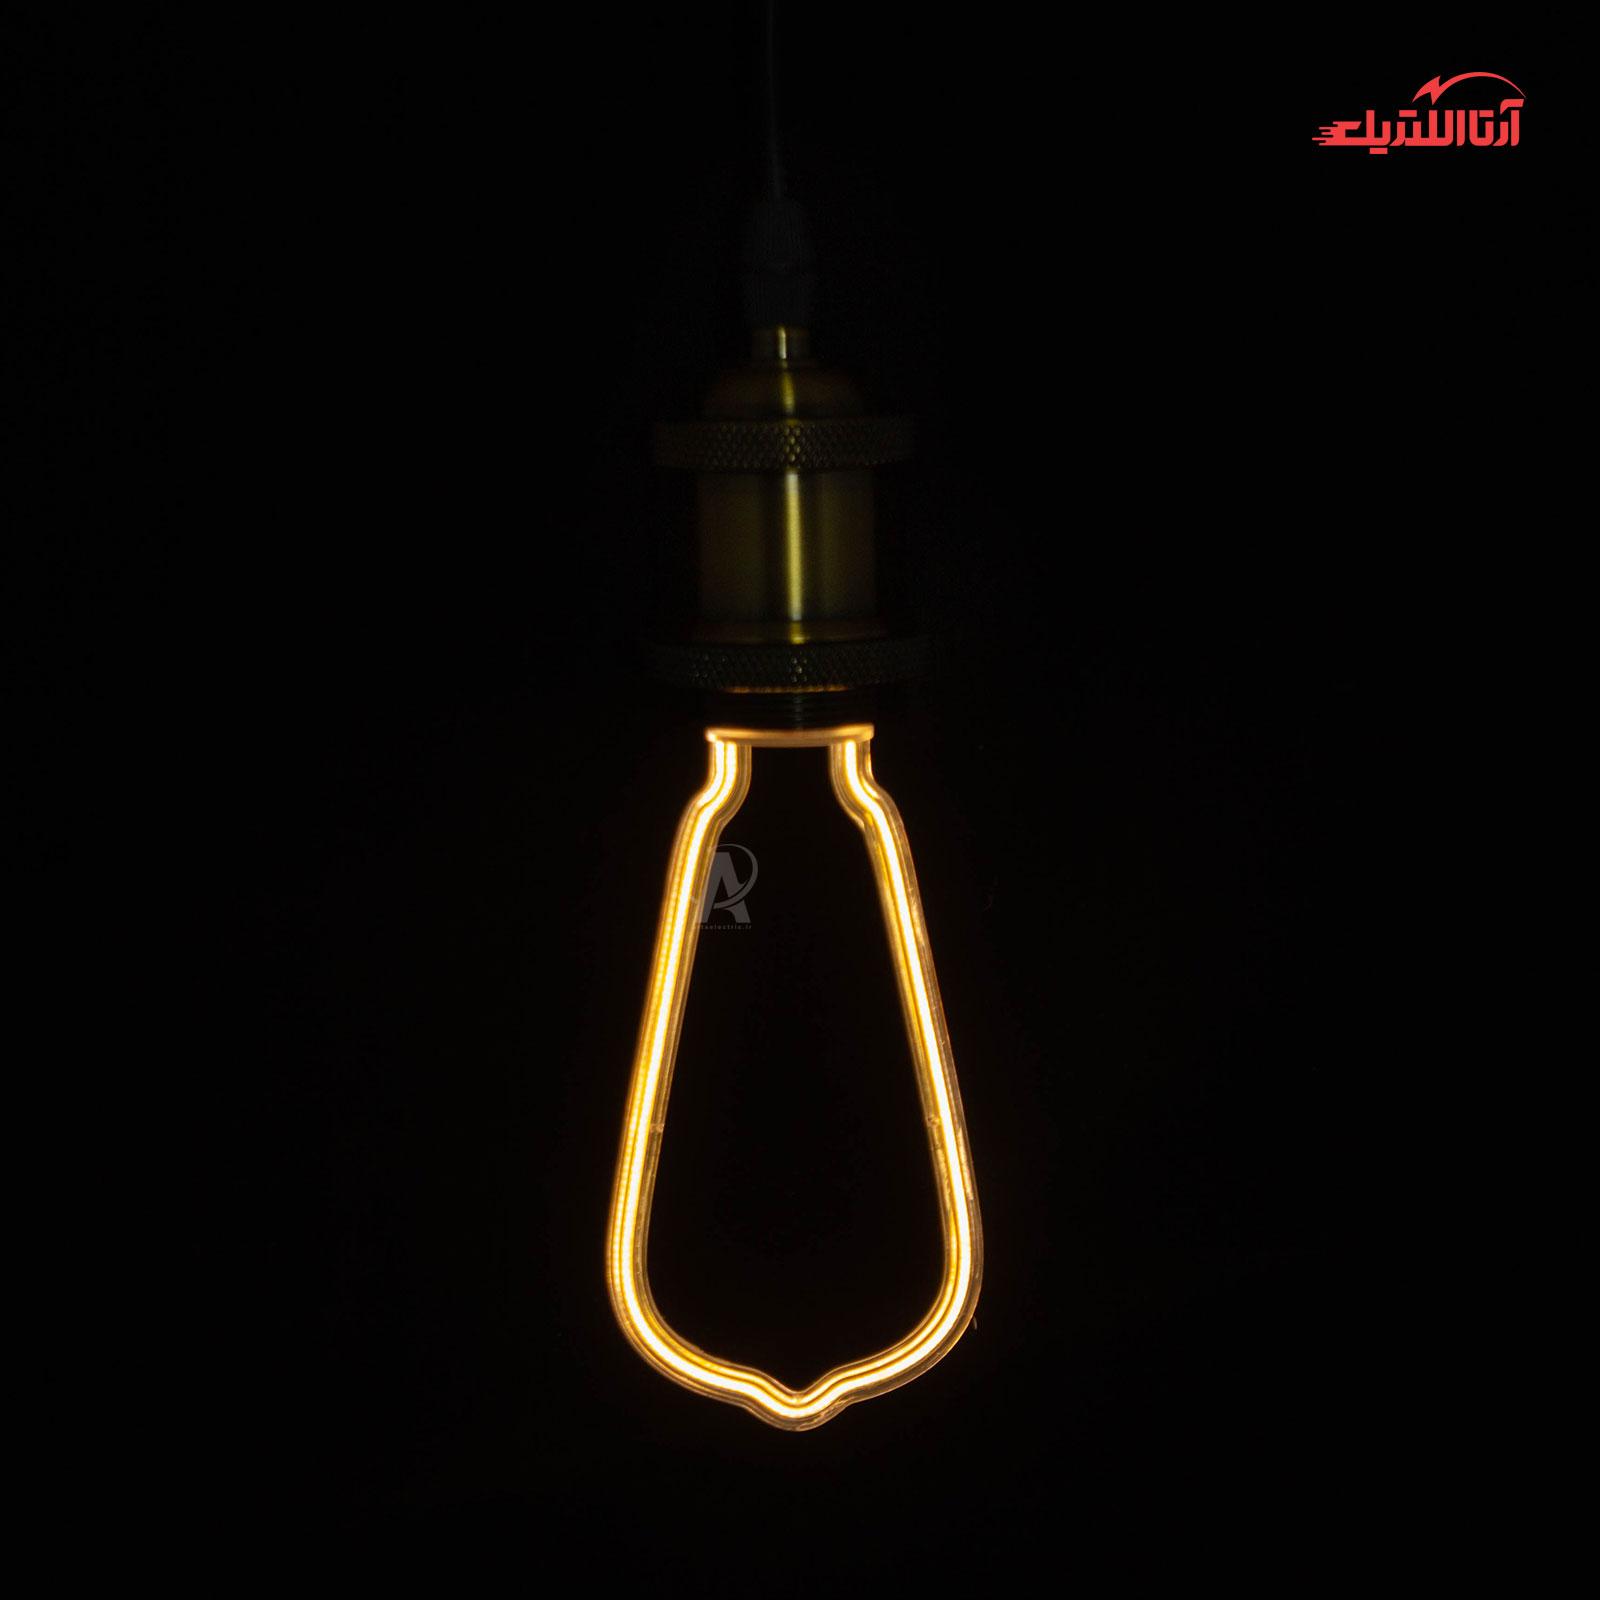 لامپ نئون گلابی مدل ML-A10 سرپیچ E27